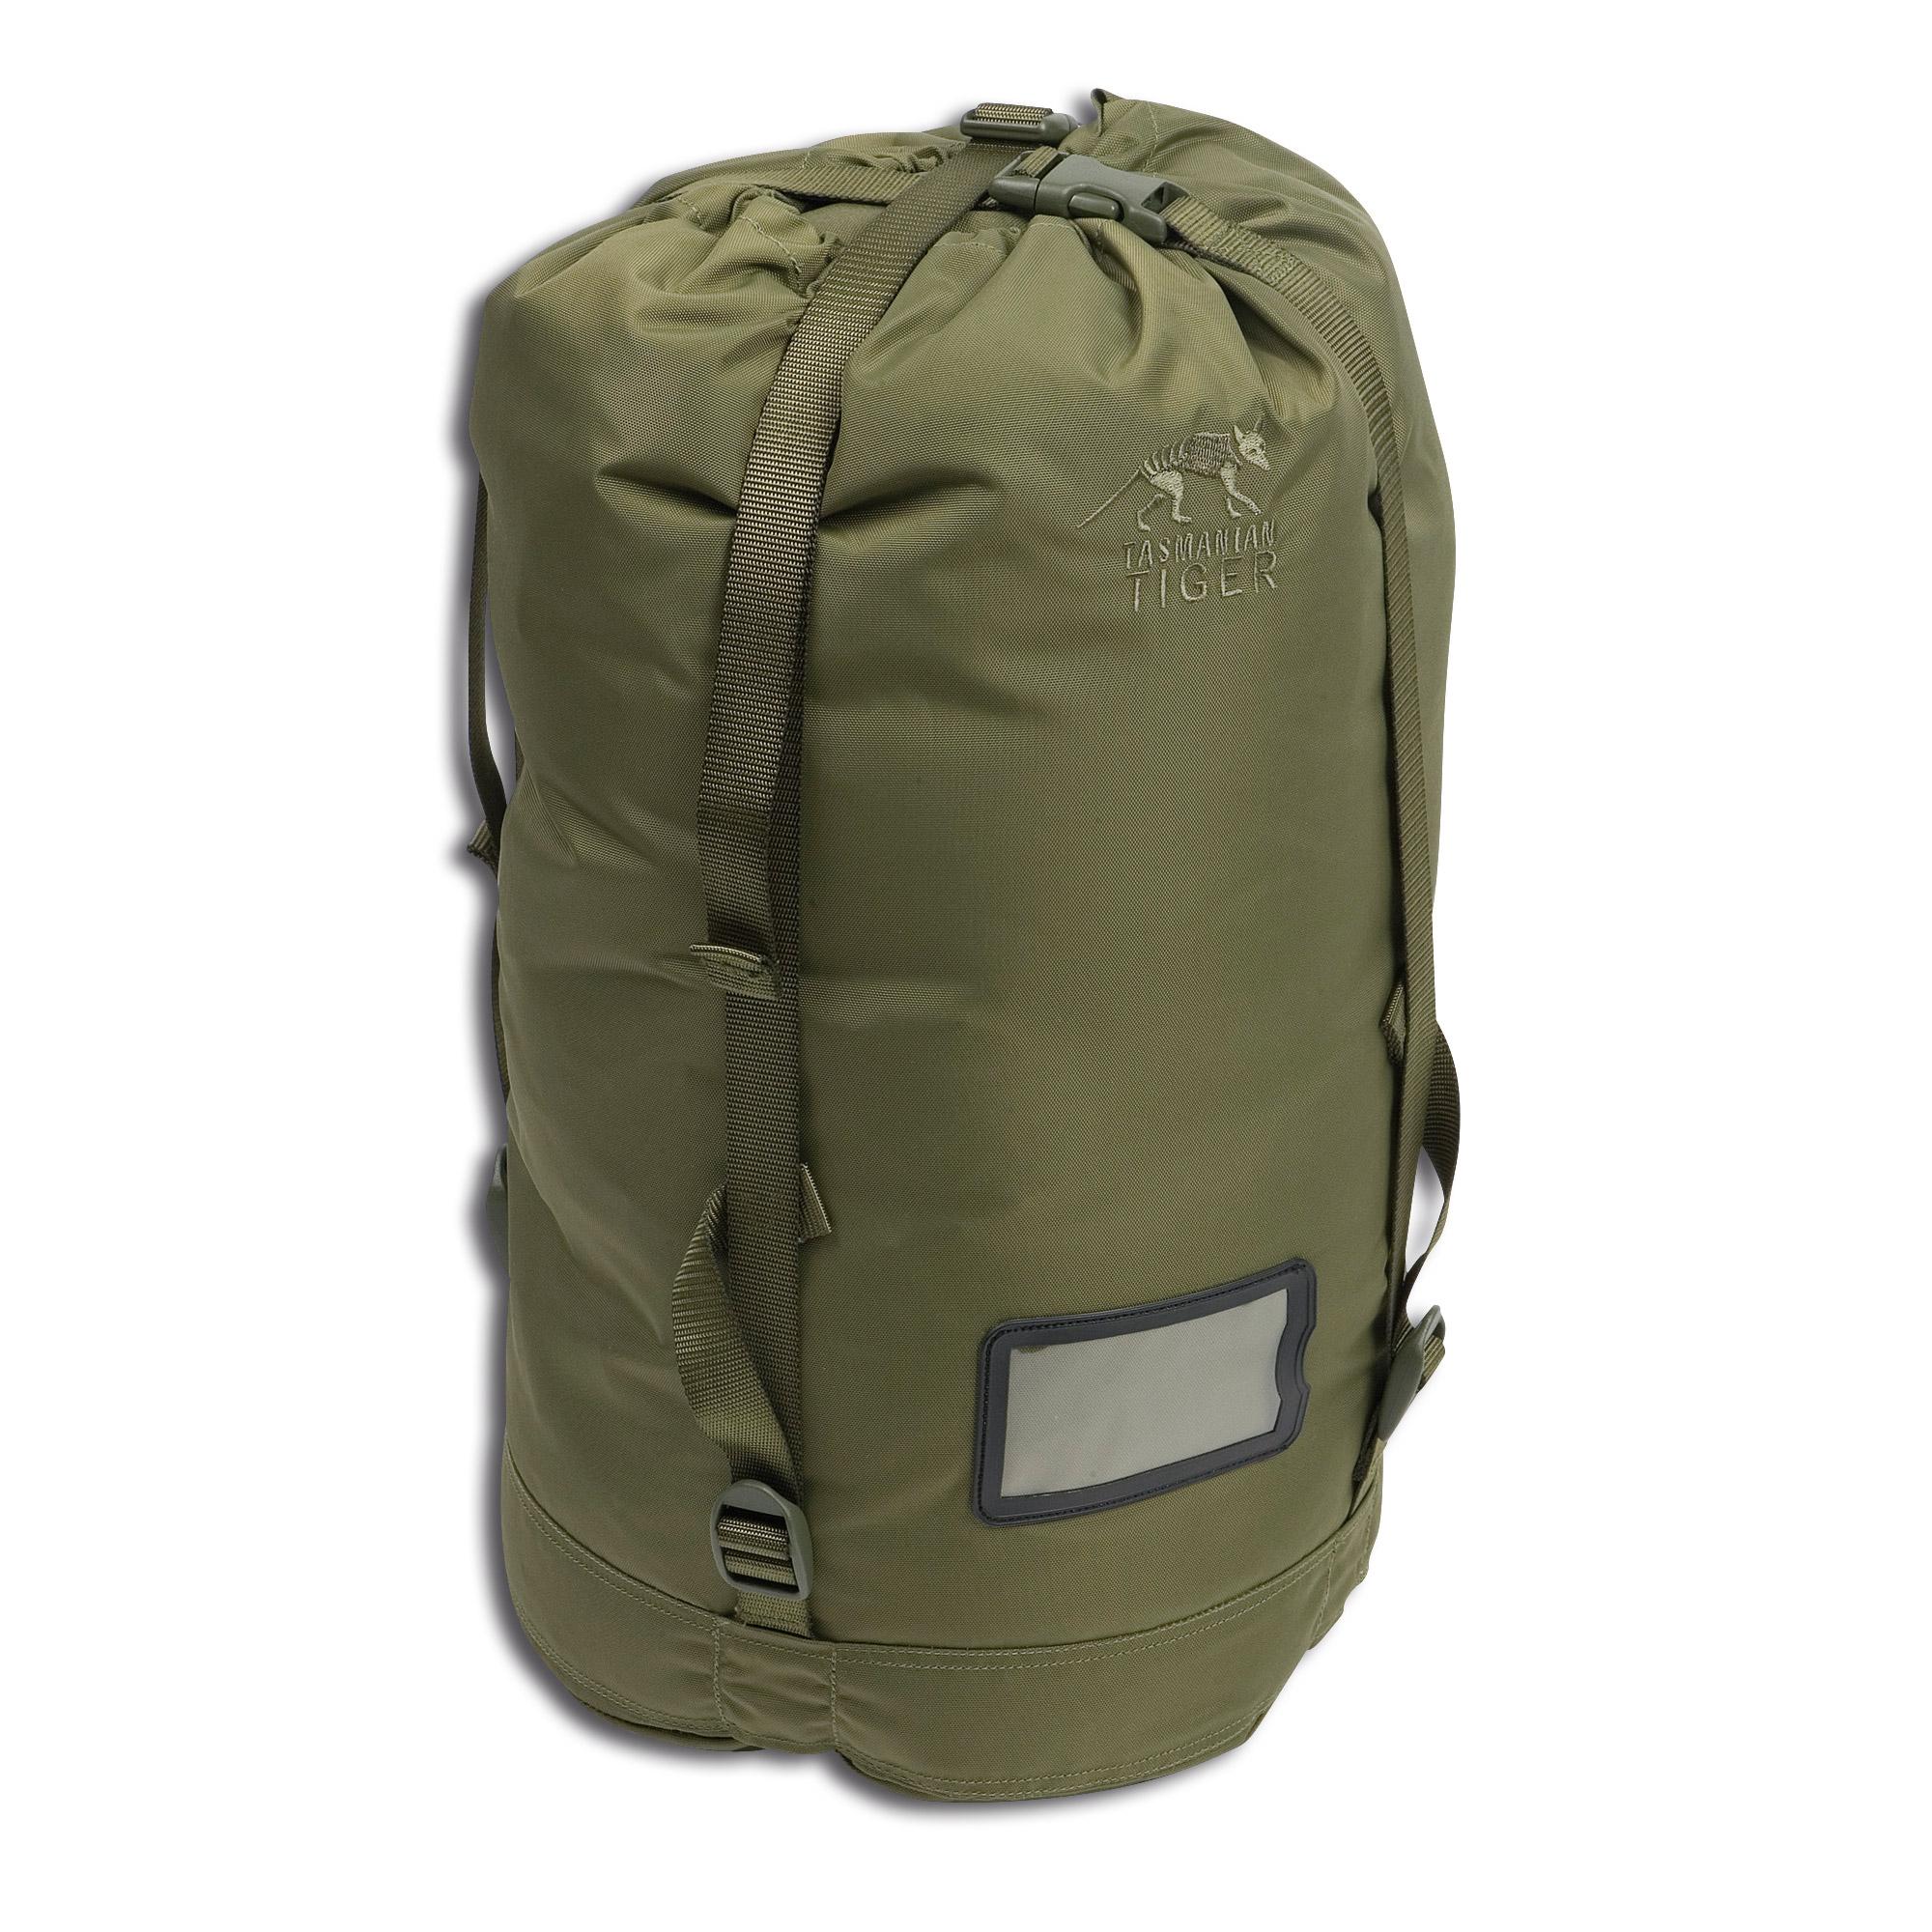 TT stuff bag olive l